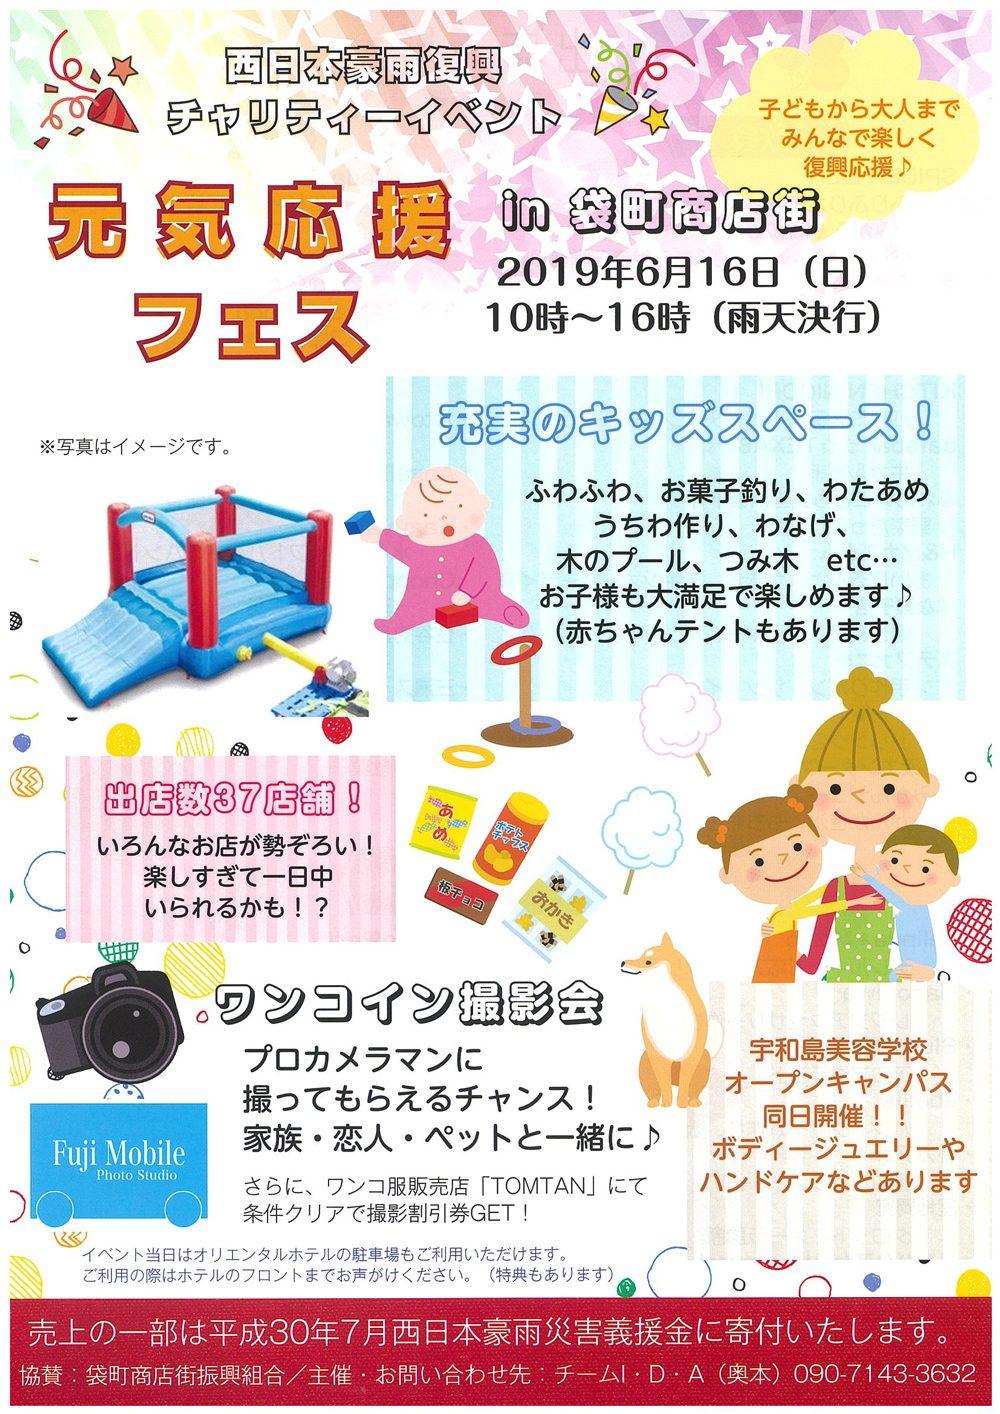 西日本豪雨チャリティ 元気応援フェス in袋町商店街